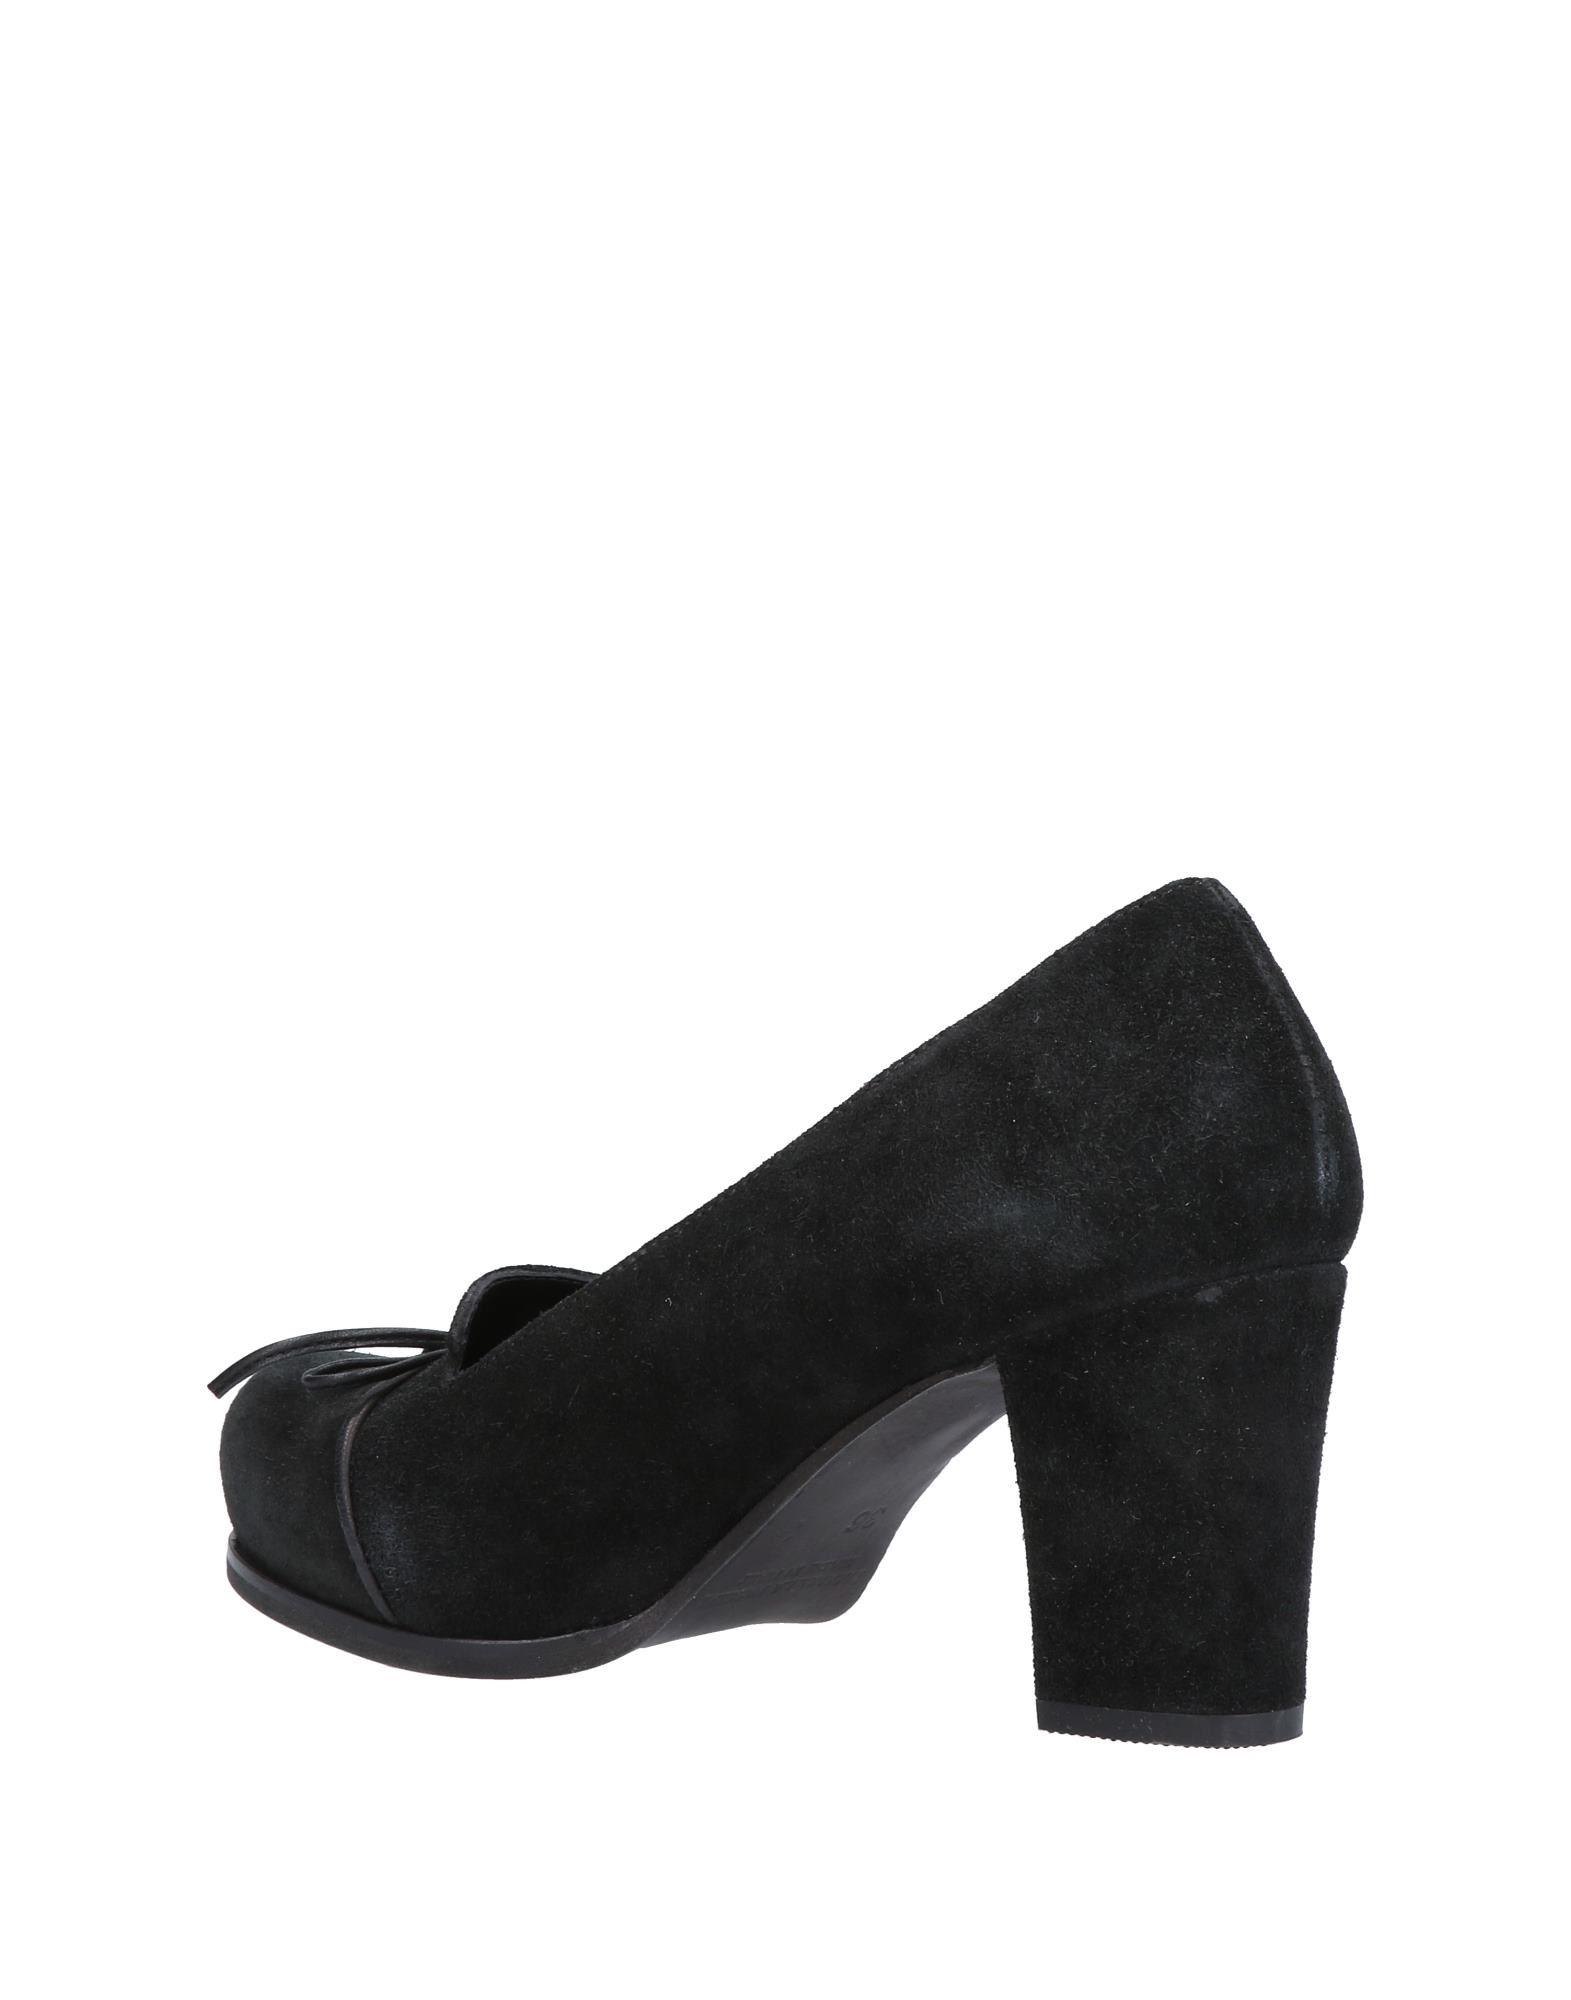 Emanuela Passeri Gute Pumps Damen  11481408HO Gute Passeri Qualität beliebte Schuhe 948ef7